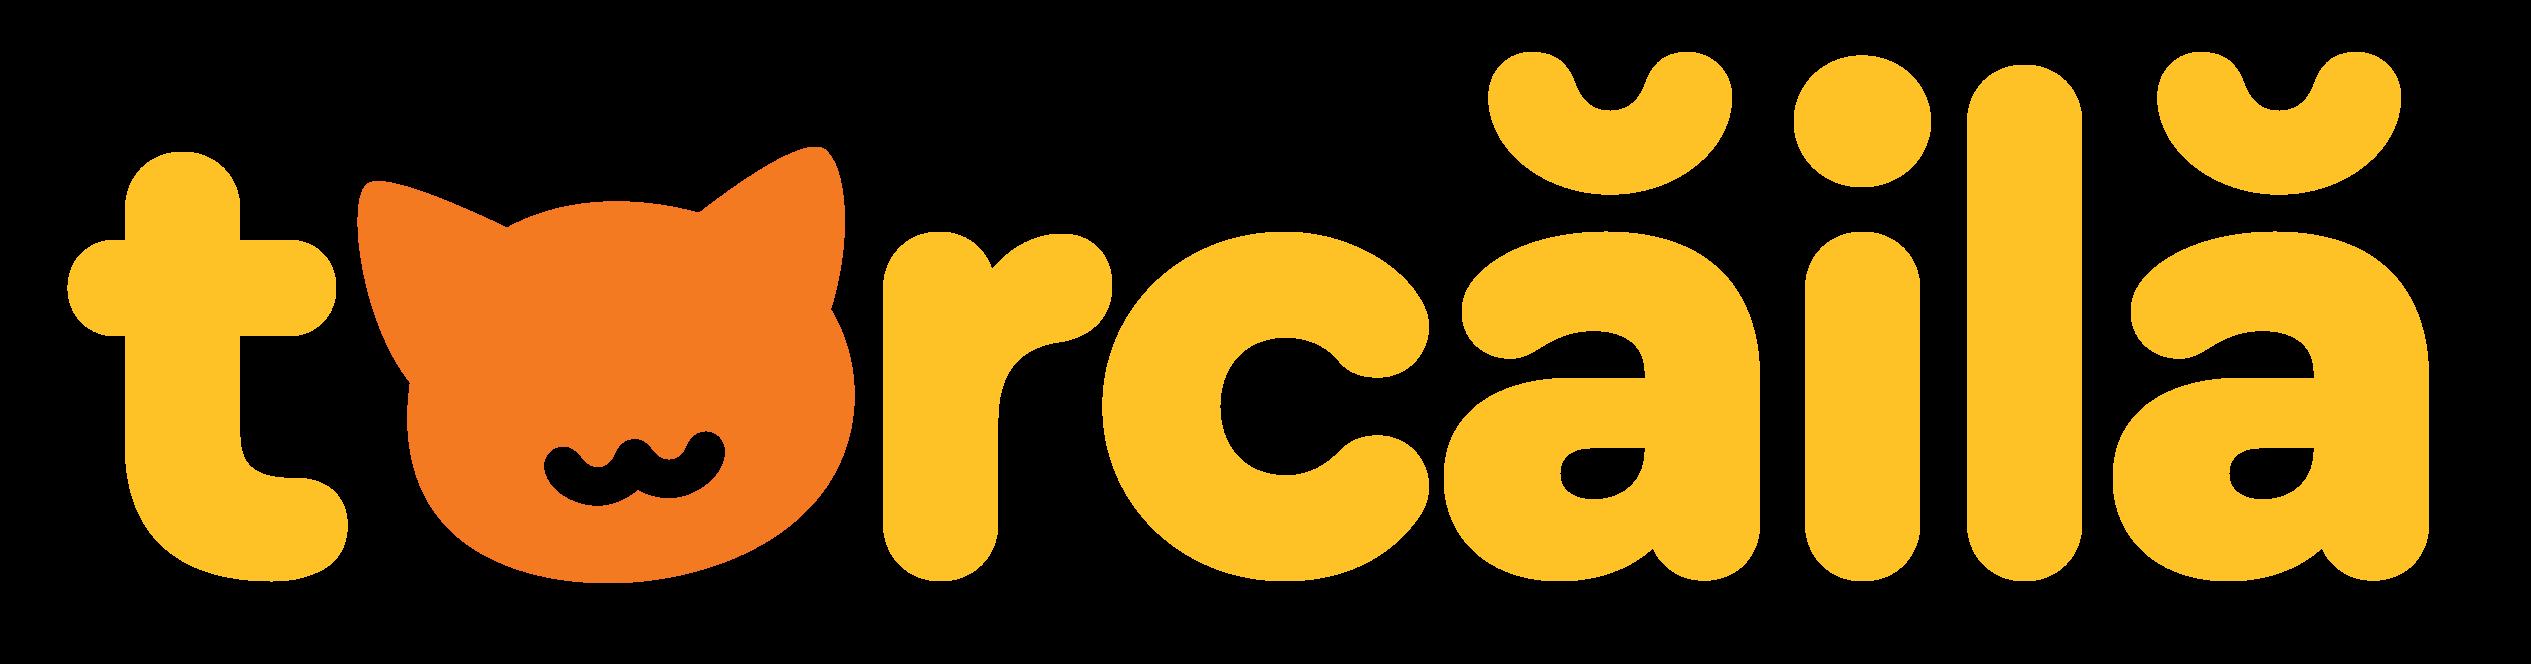 Torcaila